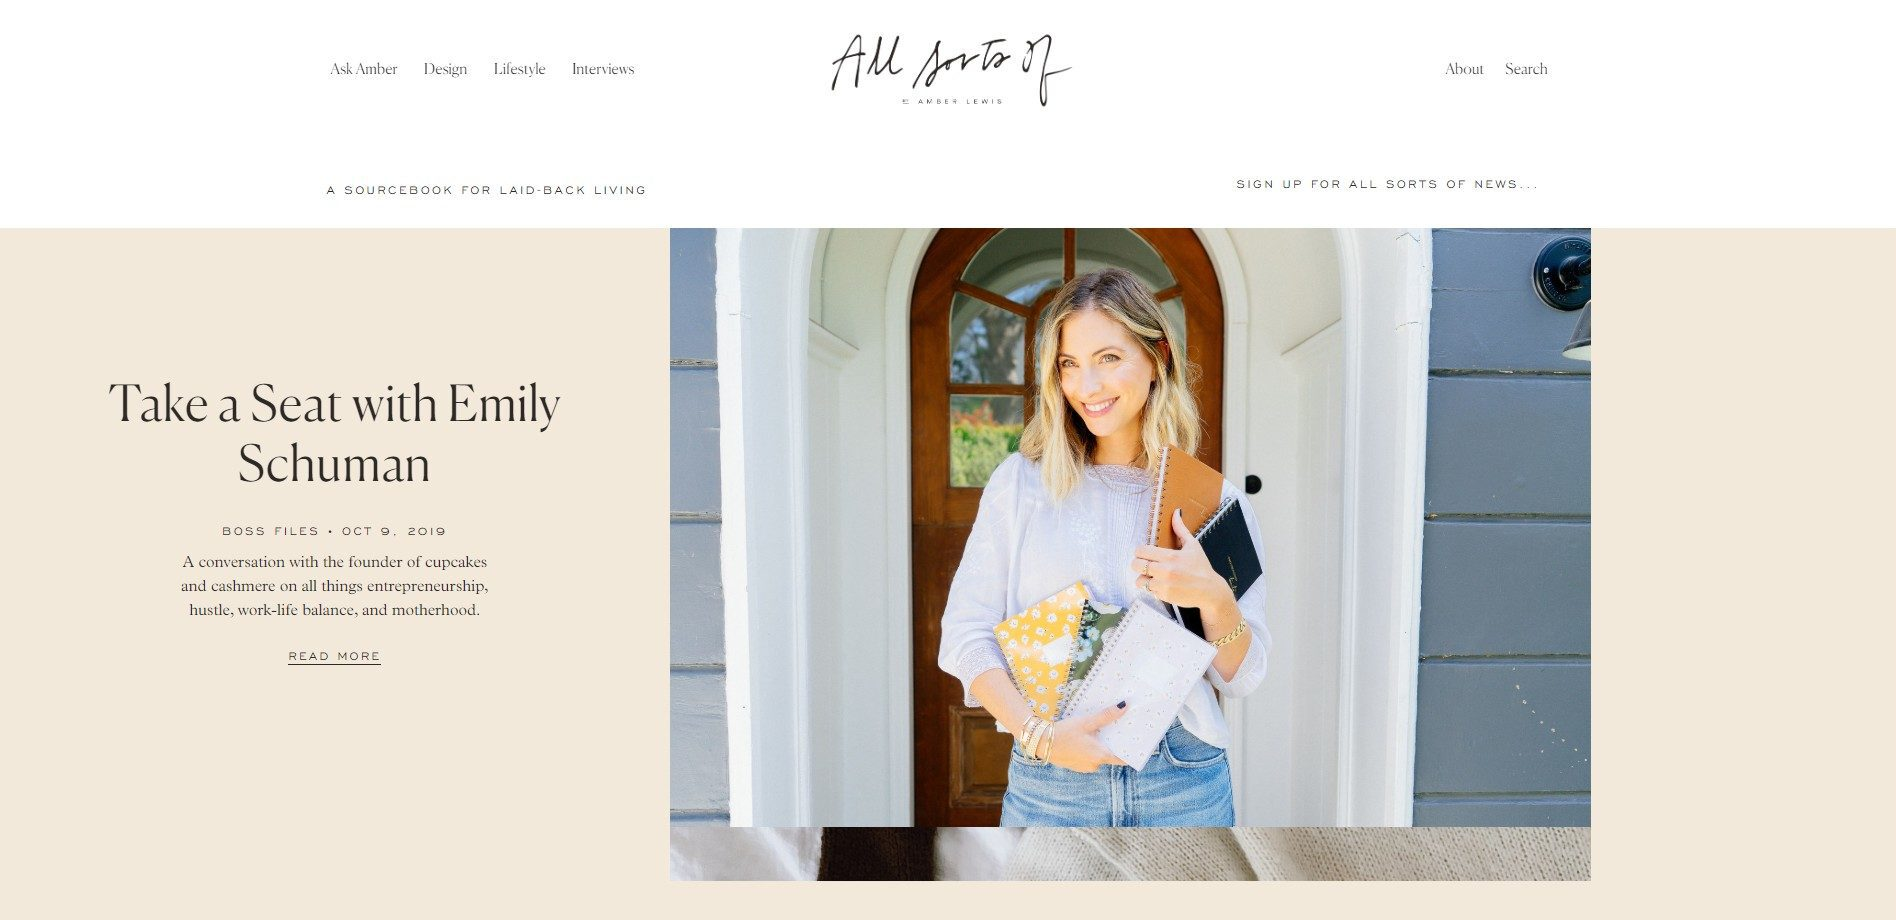 Amber Interiors - Interior design blog